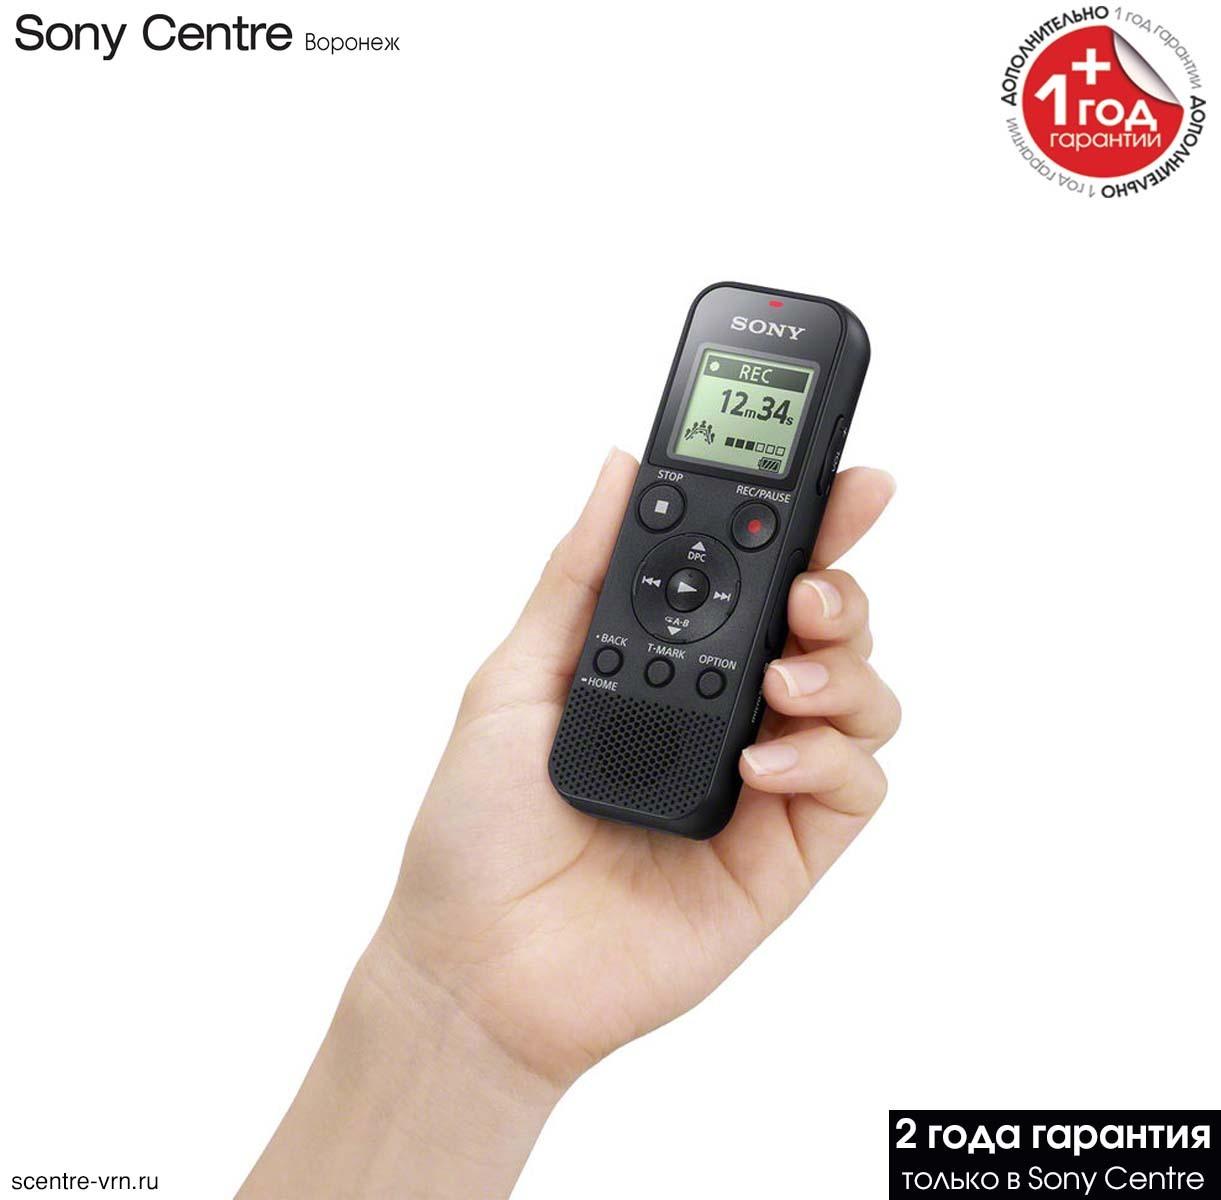 Диктофон Sony ICD-PX370 купить в официальном магазине